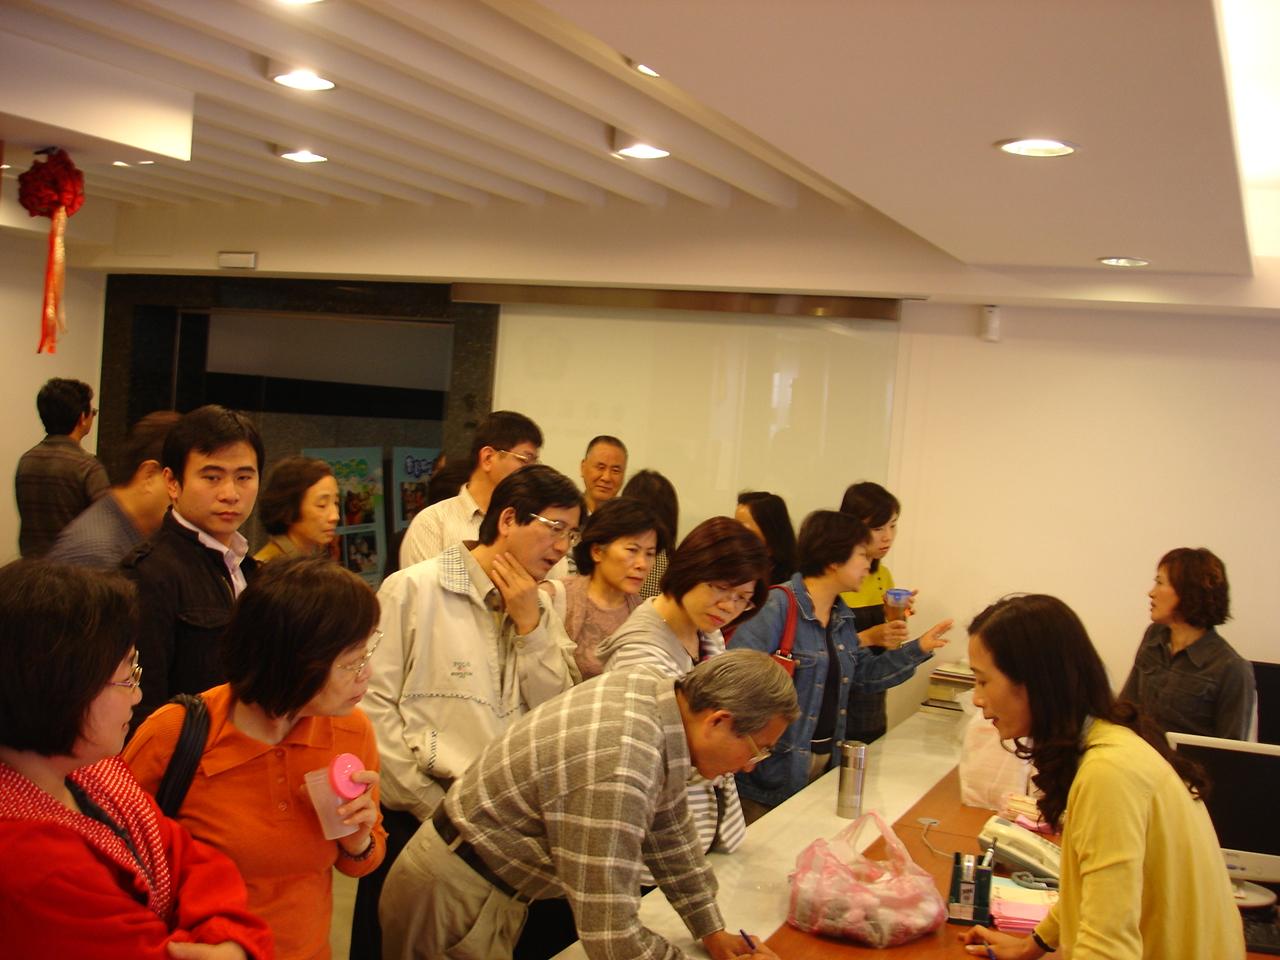 於領取餐點的過程中,會員也提出了於執業環境所遭遇的問題